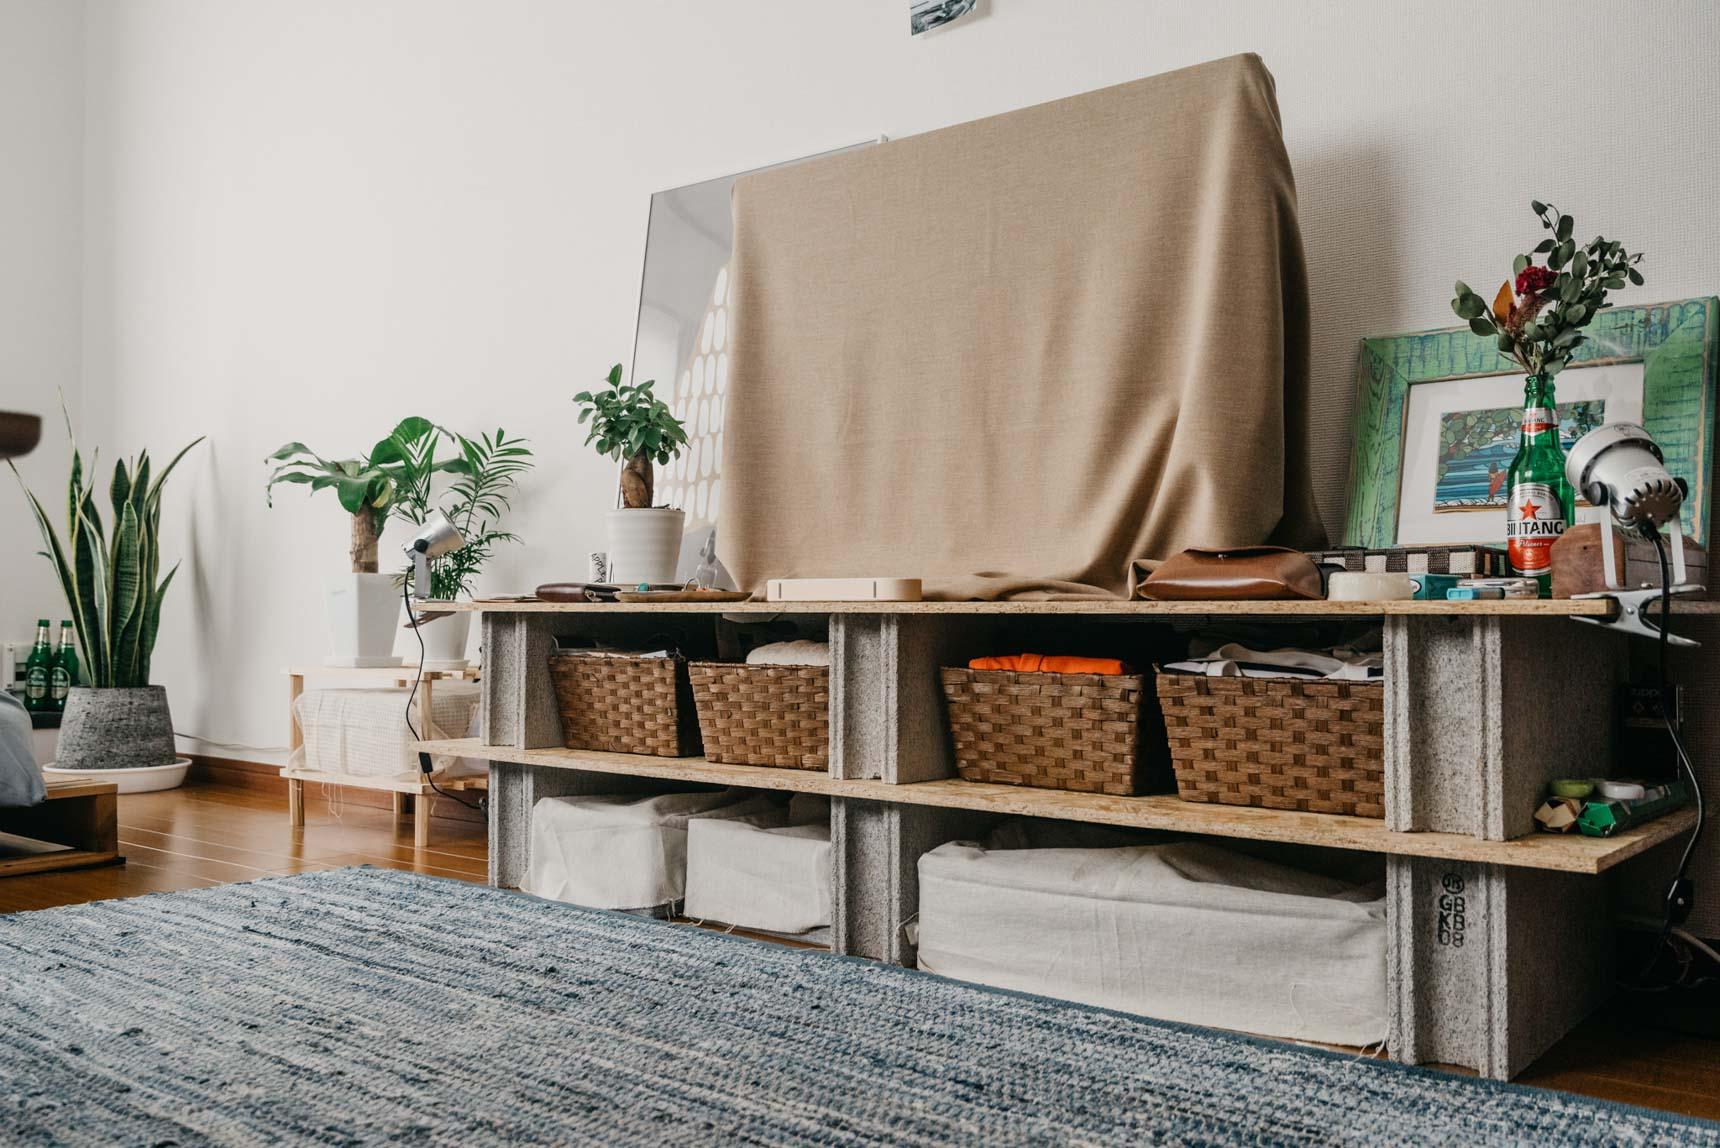 ホームセンターで手に入るブロックとボードを使って簡単DIY。テレビは布で隠し、中にしまうものも全てカゴや布で隠して生活感をなるべく感じさせないように。(このお部屋はこちら)